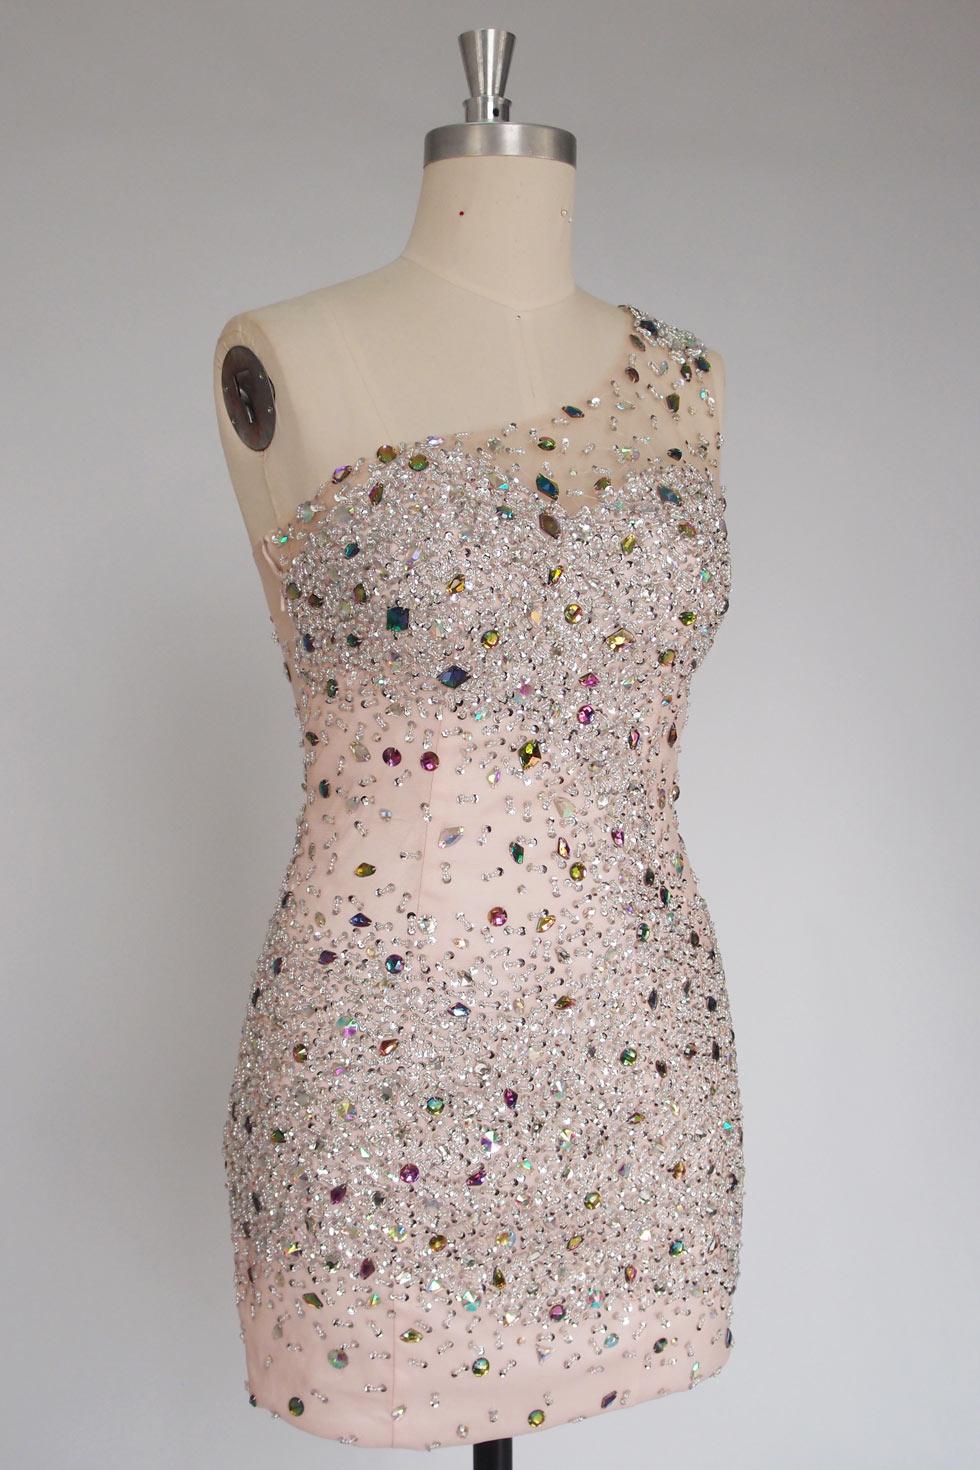 Petite robe fourreau recouverte de strass